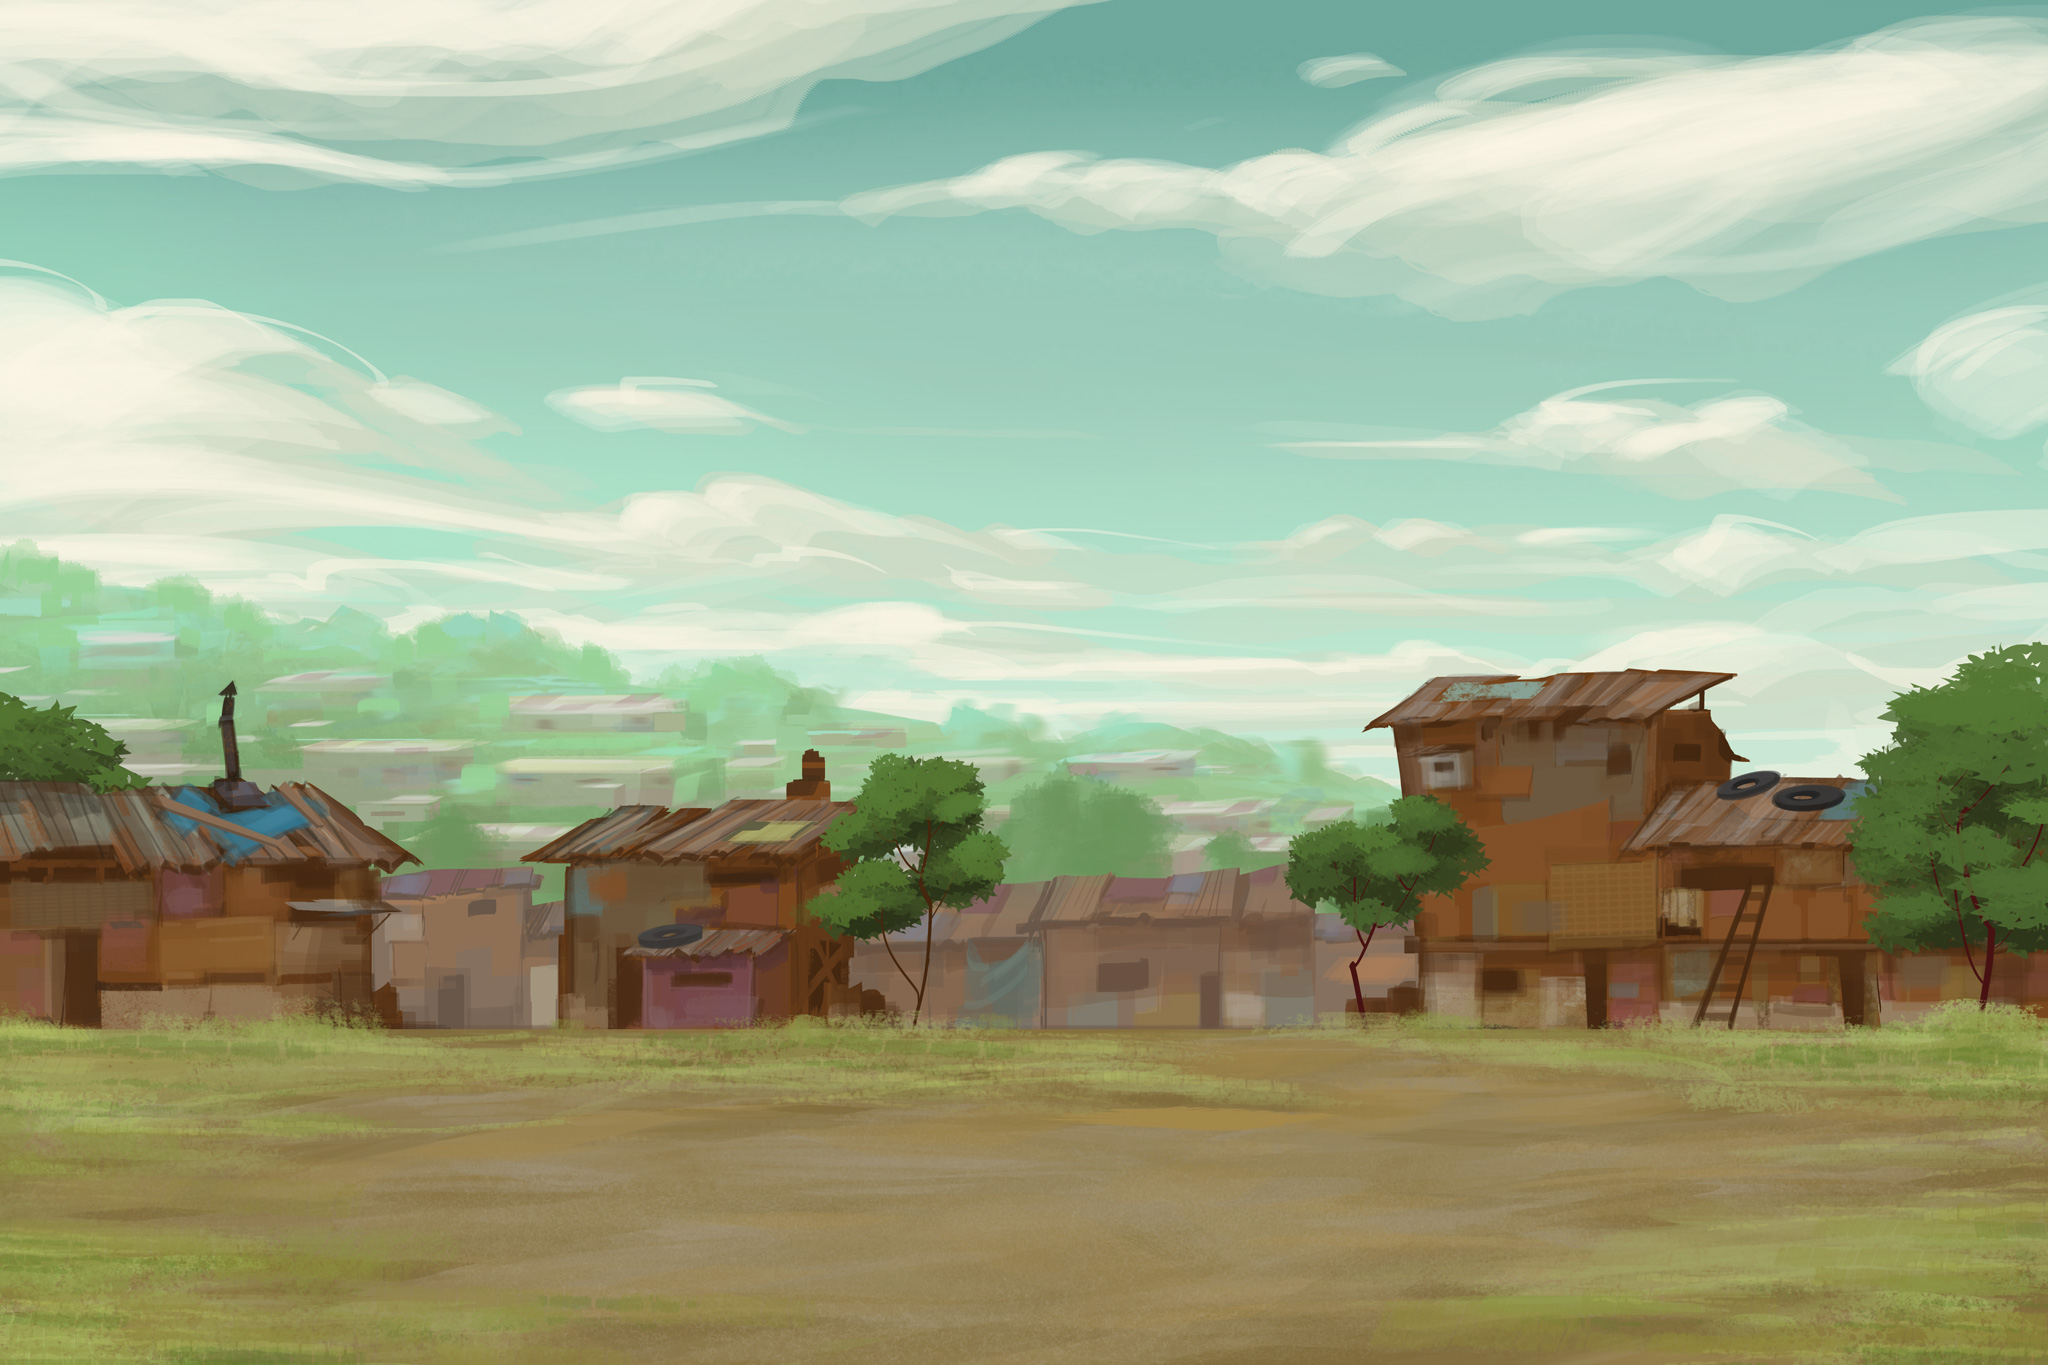 Shanti town